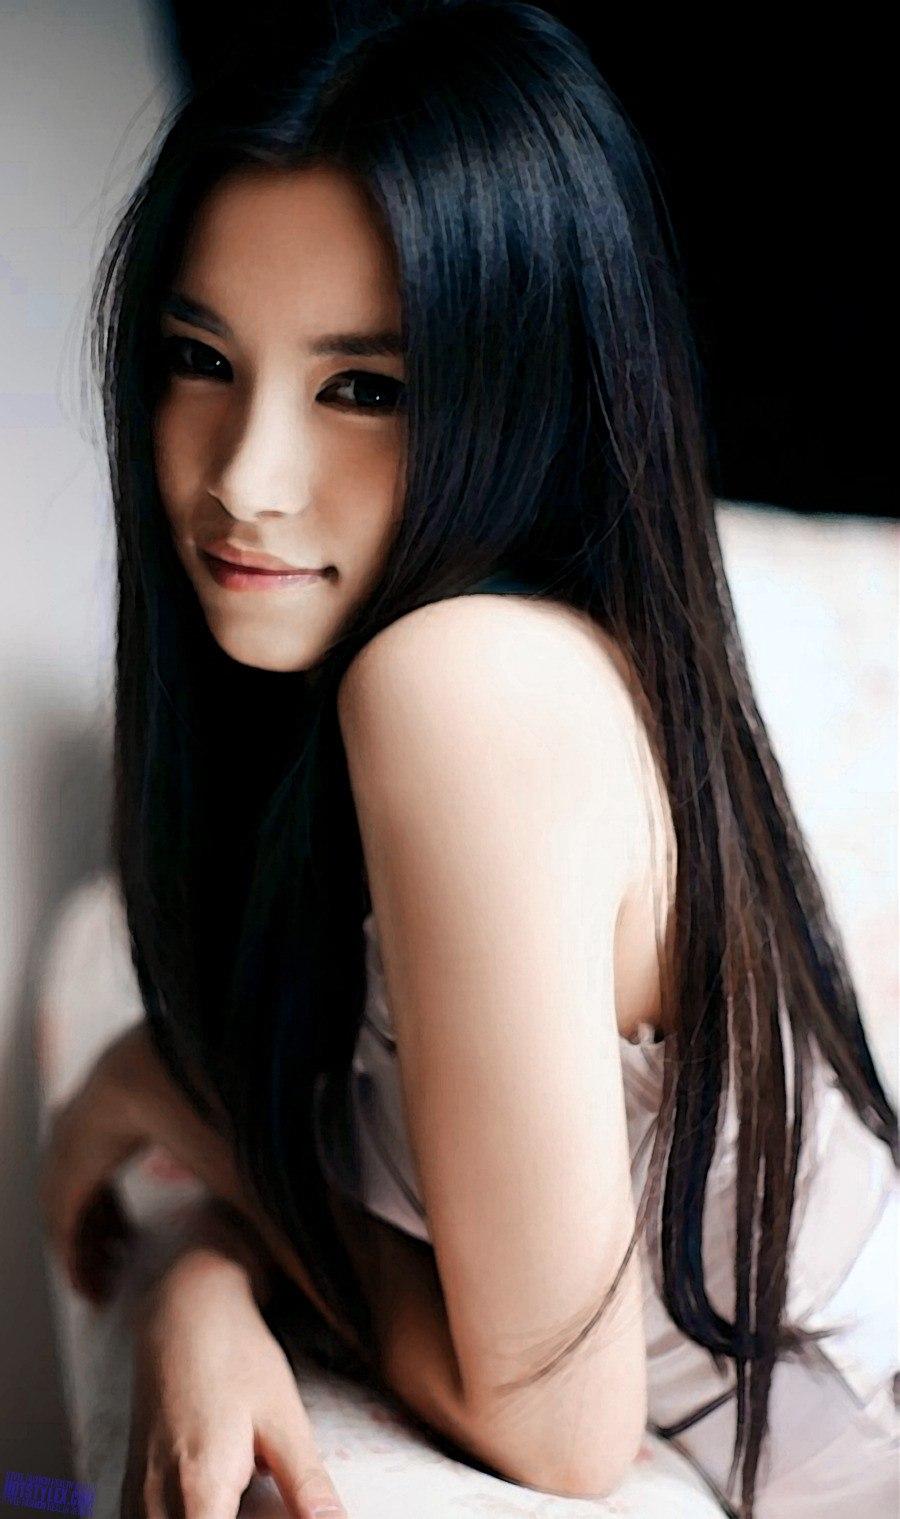 Реальные фото тайских девушек 6 фотография